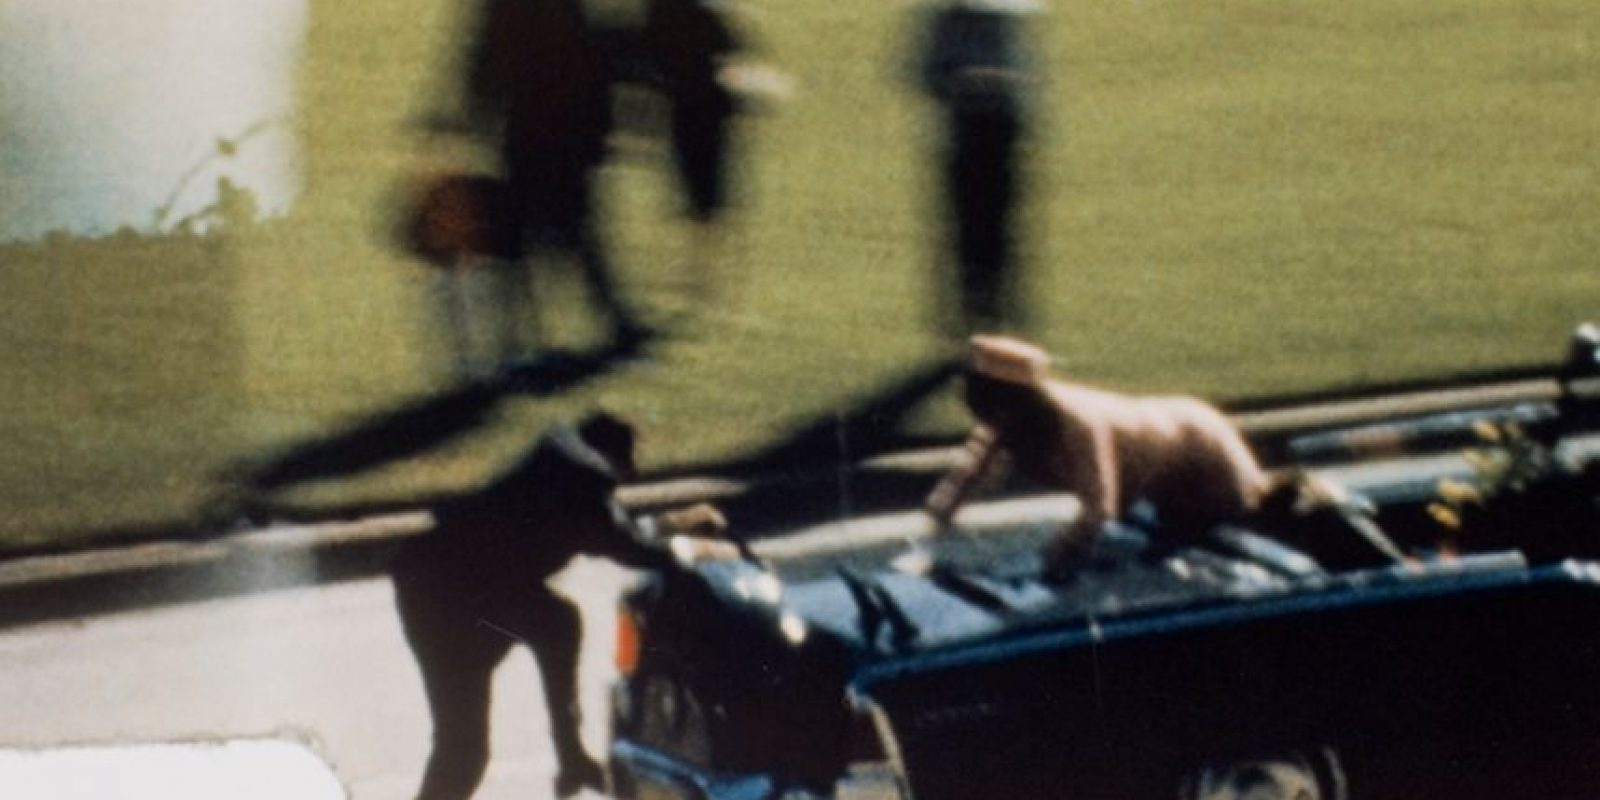 El 22 de noviembre de 1963 el presidente de los Estados Unidos recibió varios impactos de bala que terminaron con su vida. Foto:famousdeaths.nl